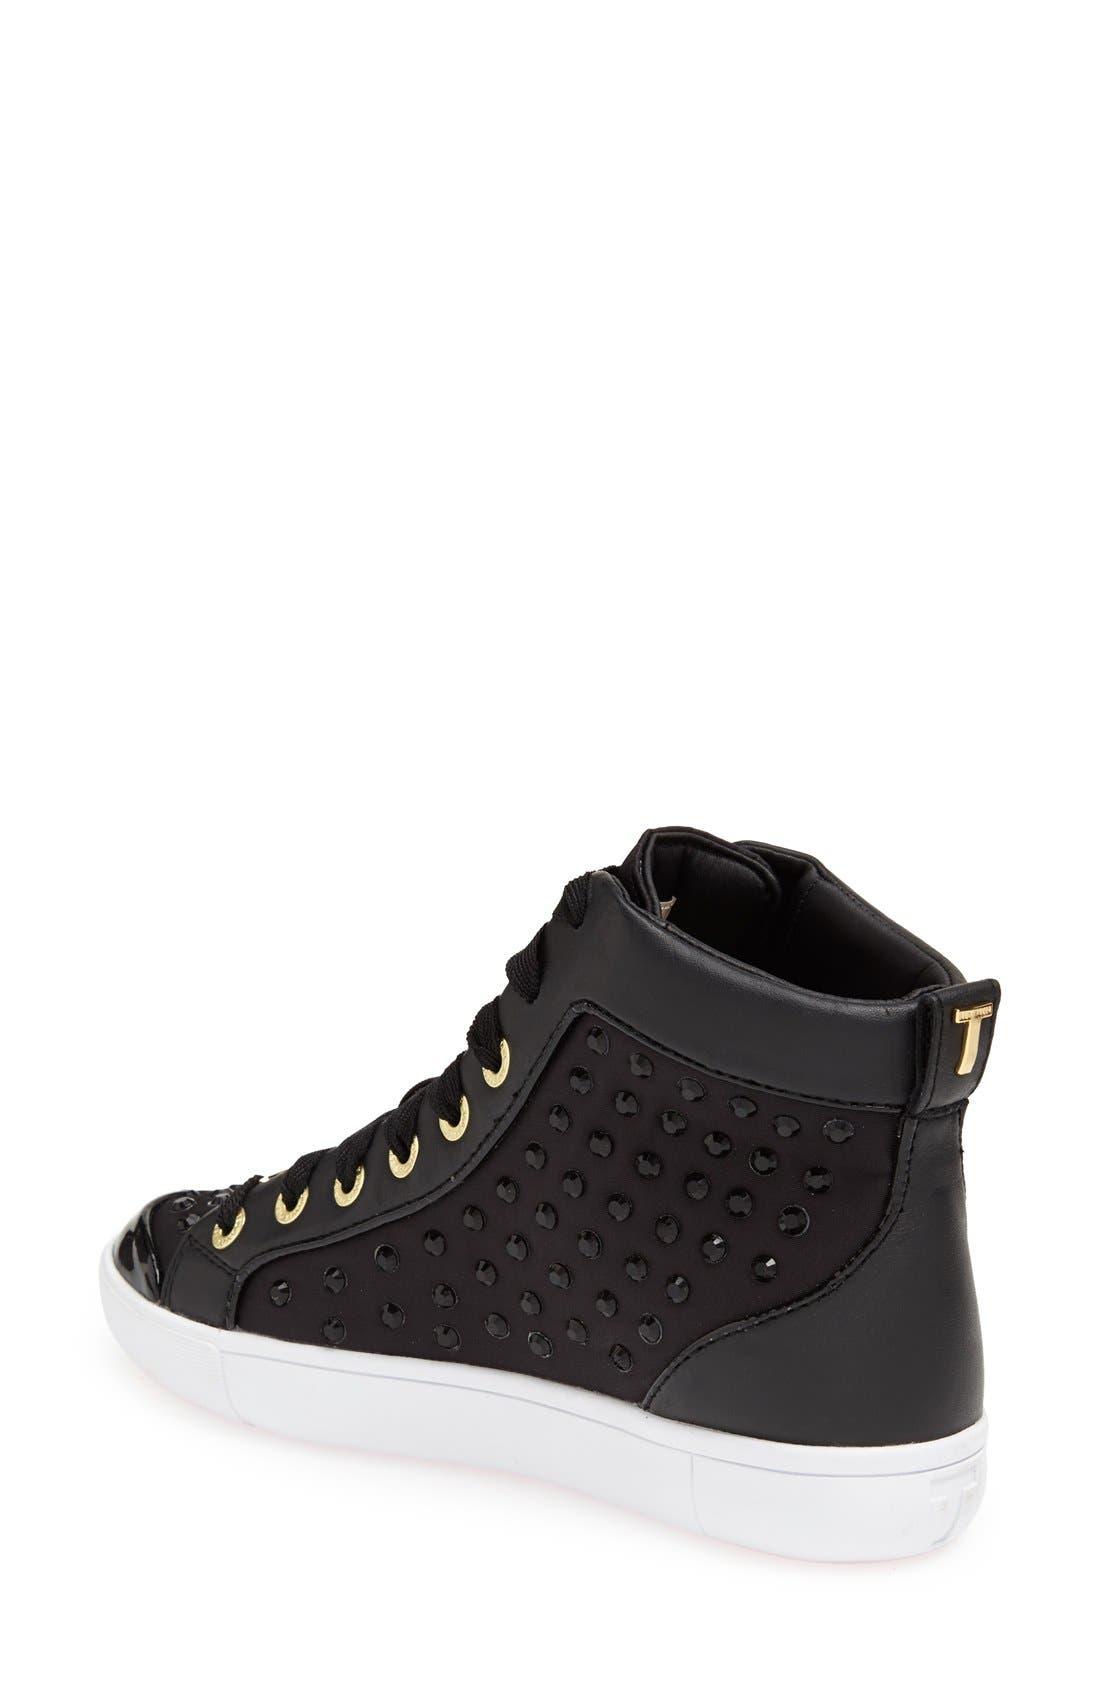 Alternate Image 2  - Ted Baker London 'Beatrin' High Top Sneaker (Women)